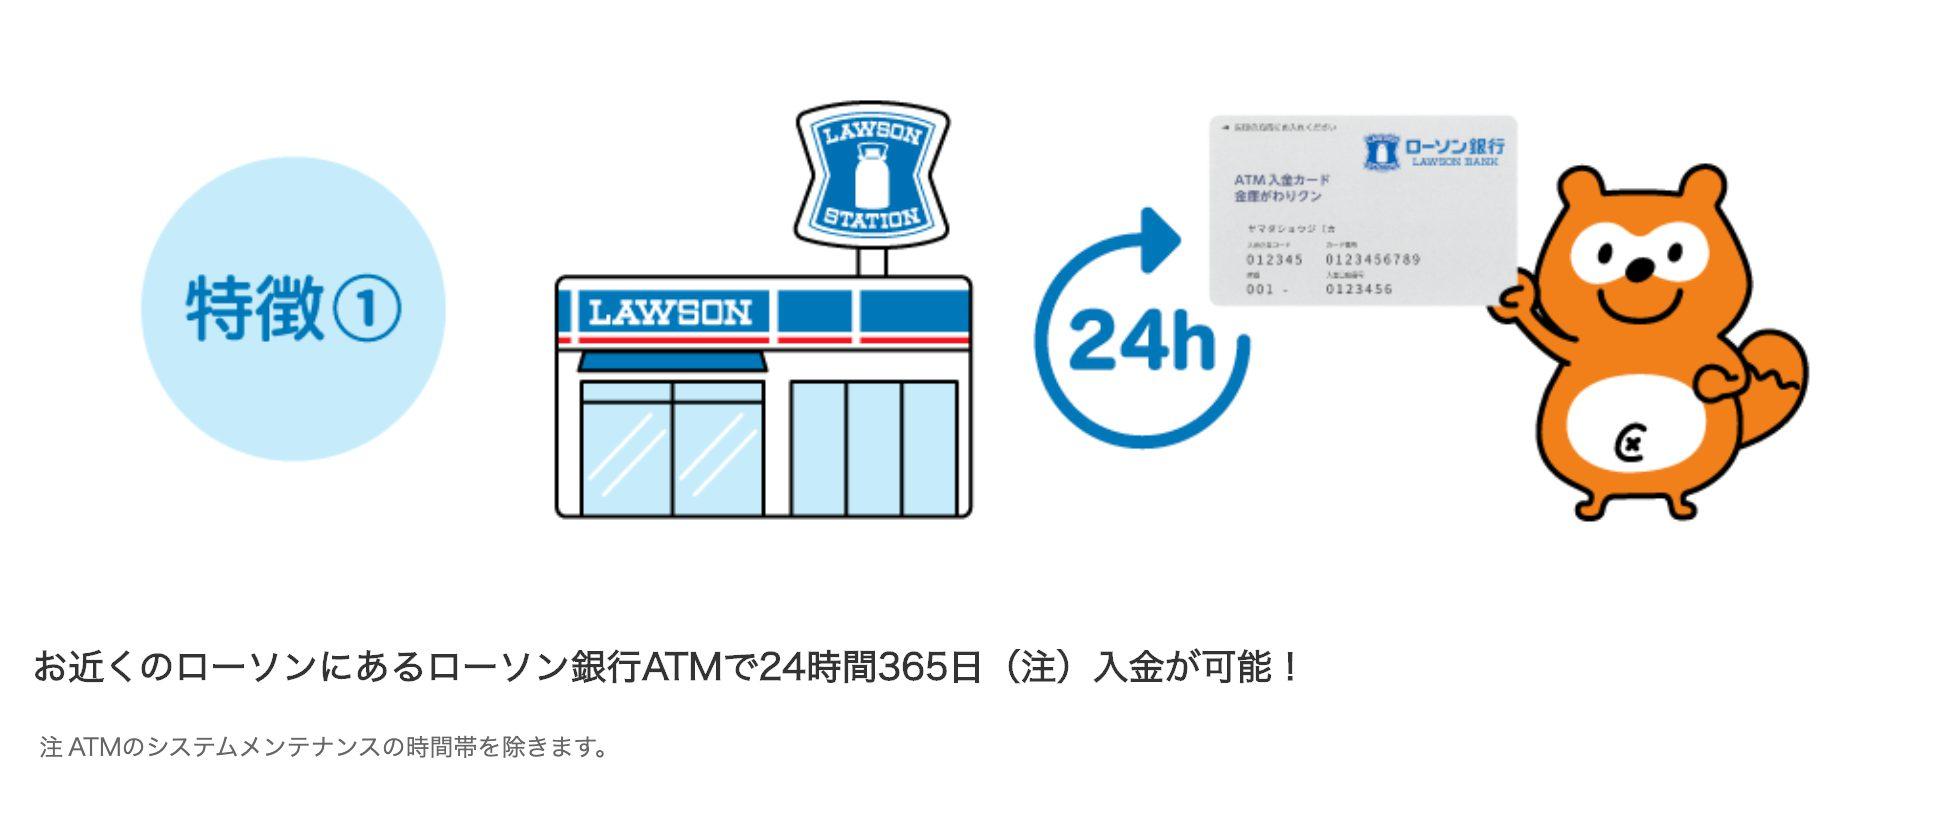 お近くのローソンにあるローソン銀行ATMで24時間365日(注)入金が可能!